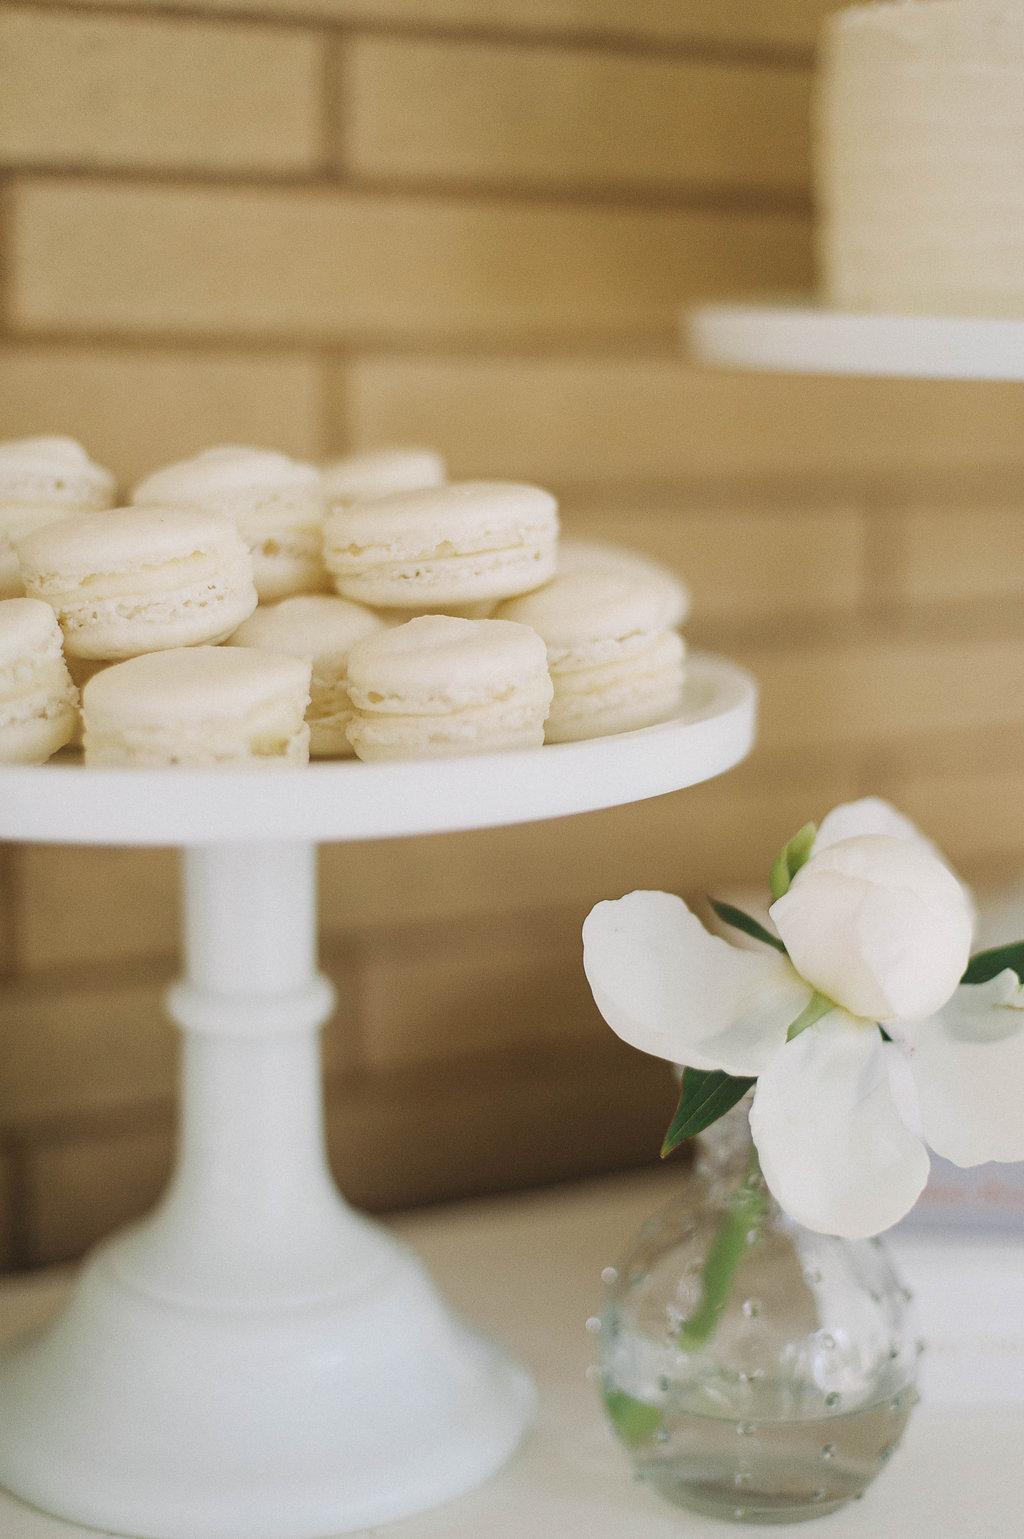 White|Cake_DSCN-35